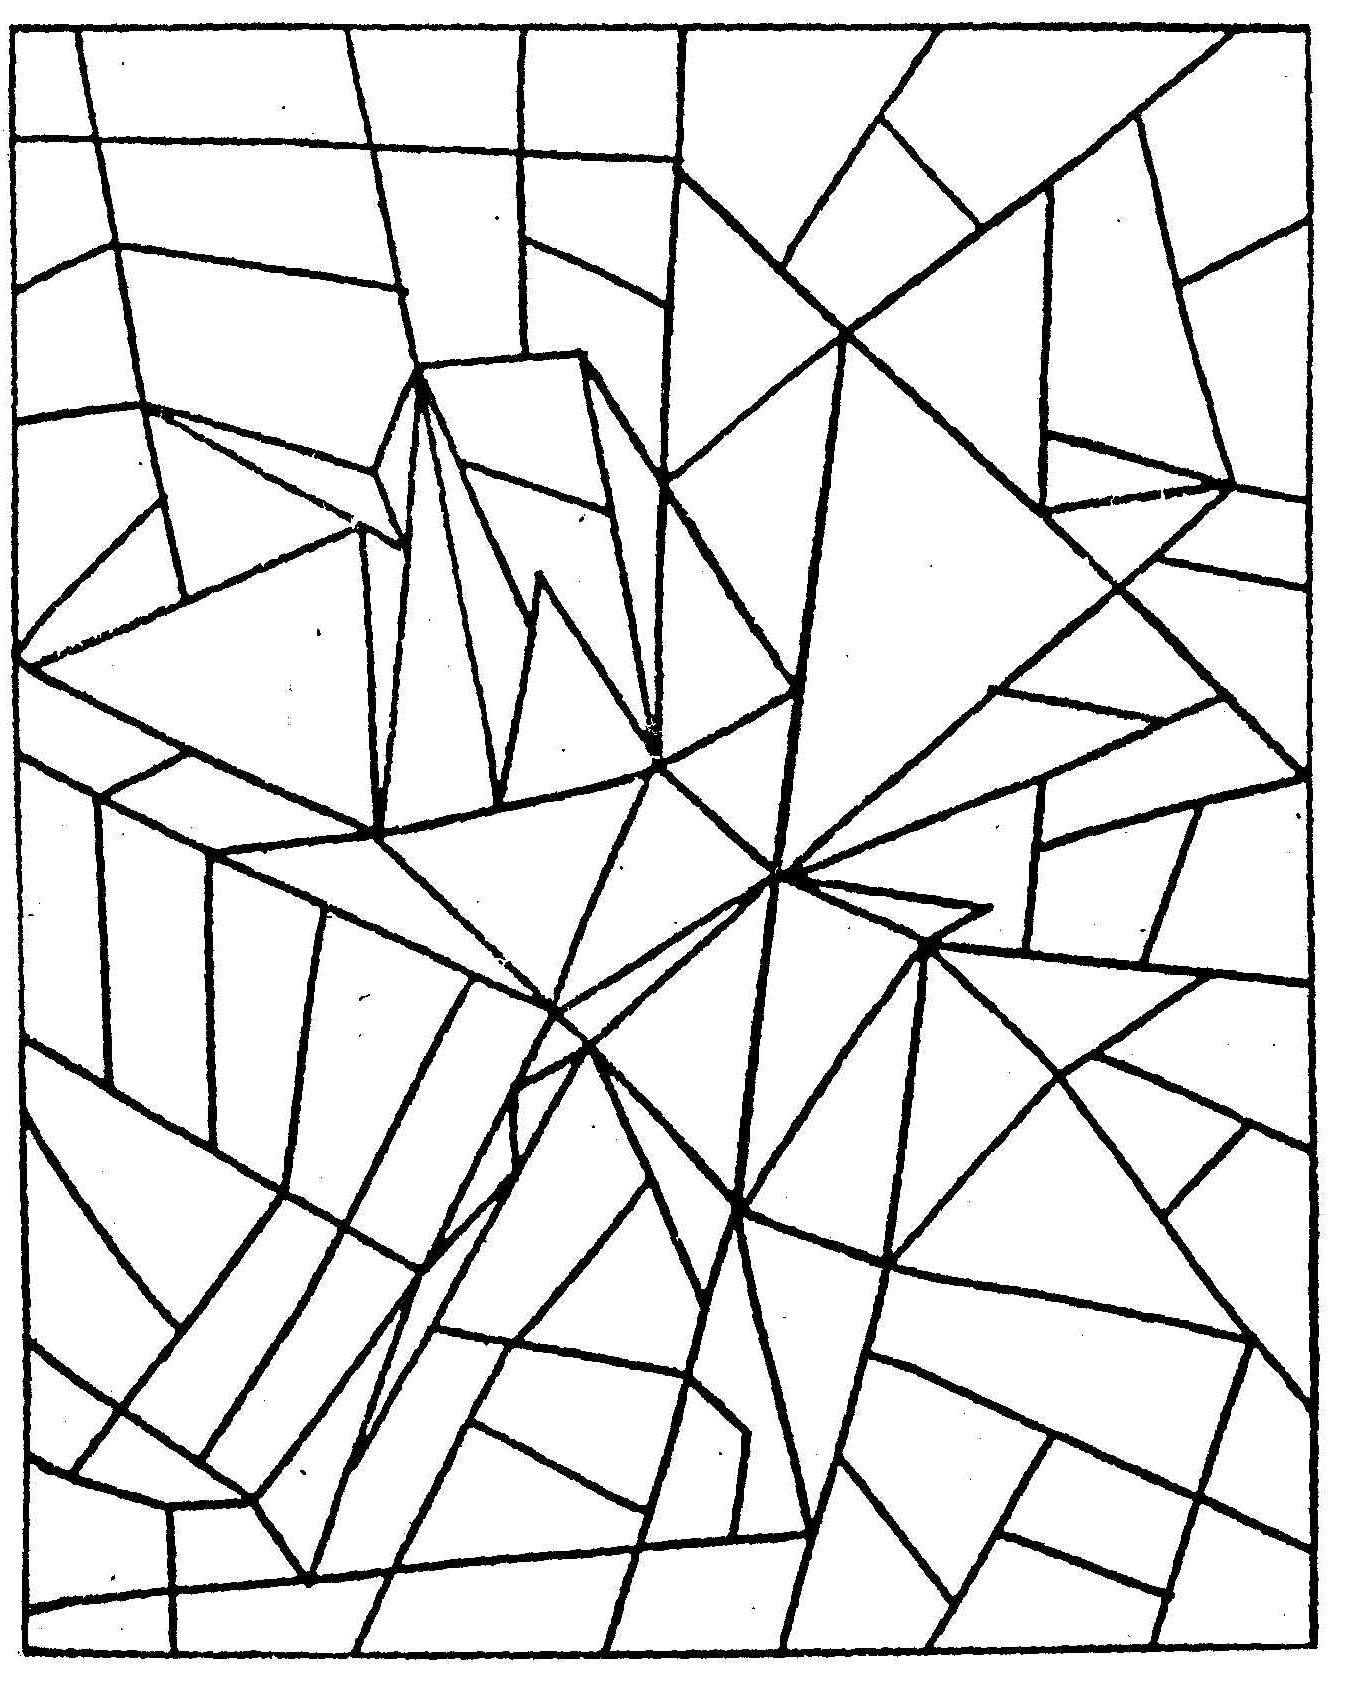 найди треугольники на картинке правило, подобные вопросы